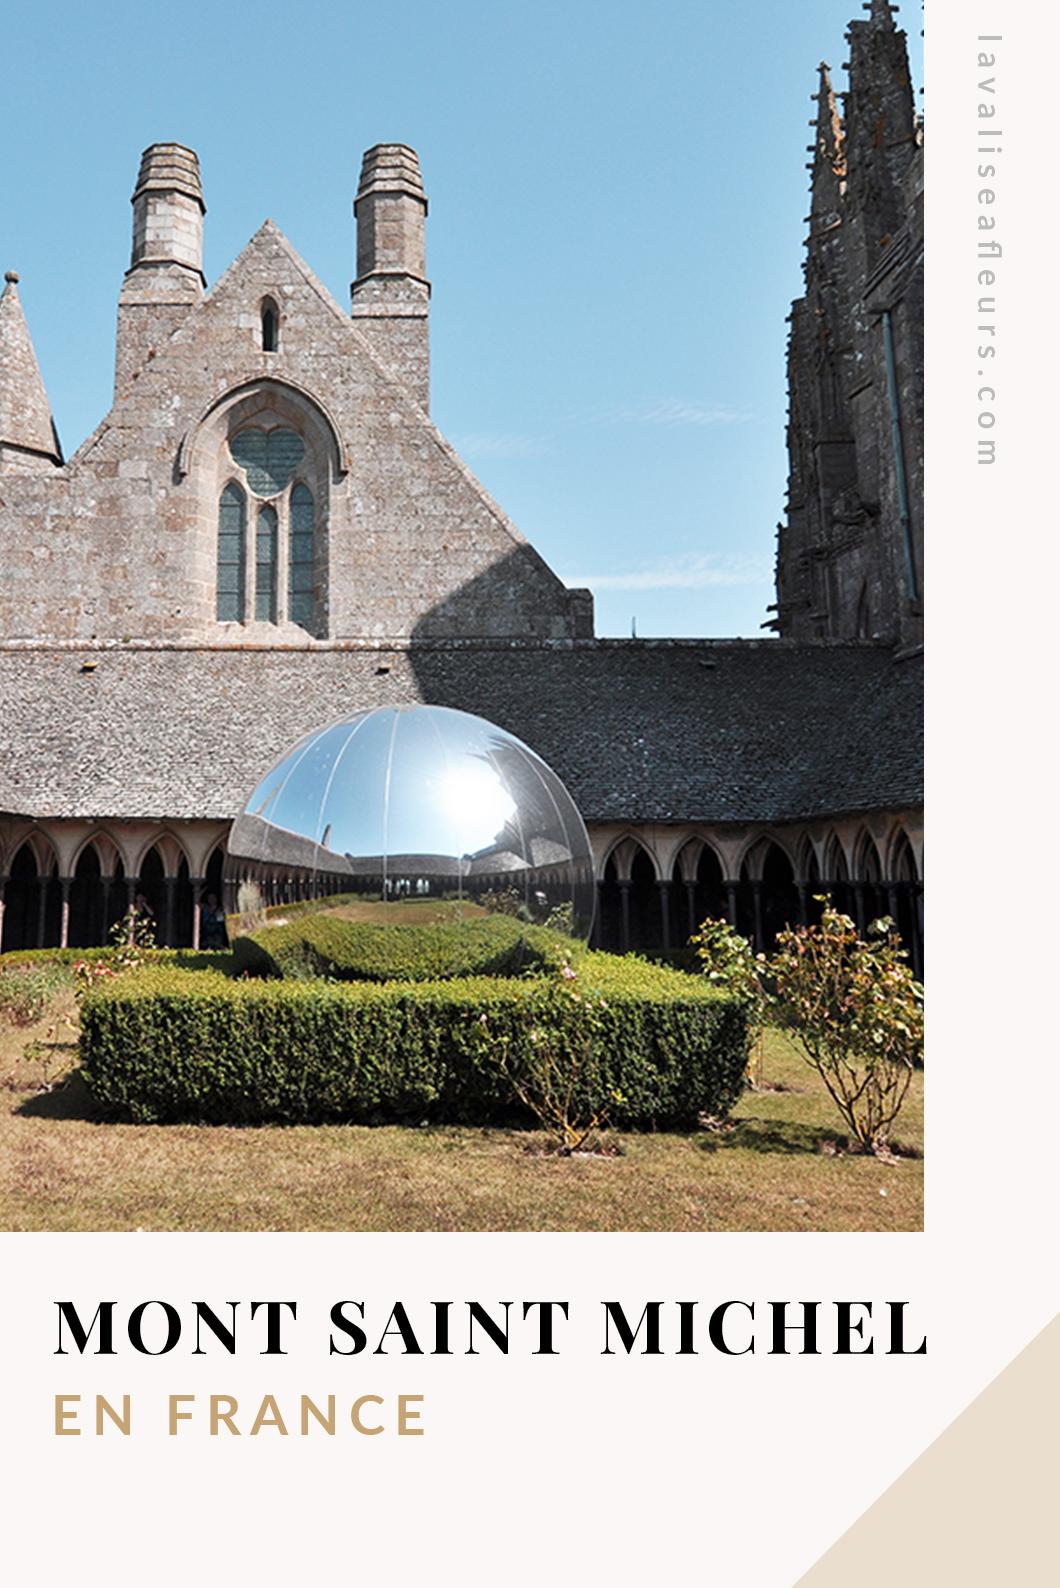 Découvrir le Mont Saint MIchel en France